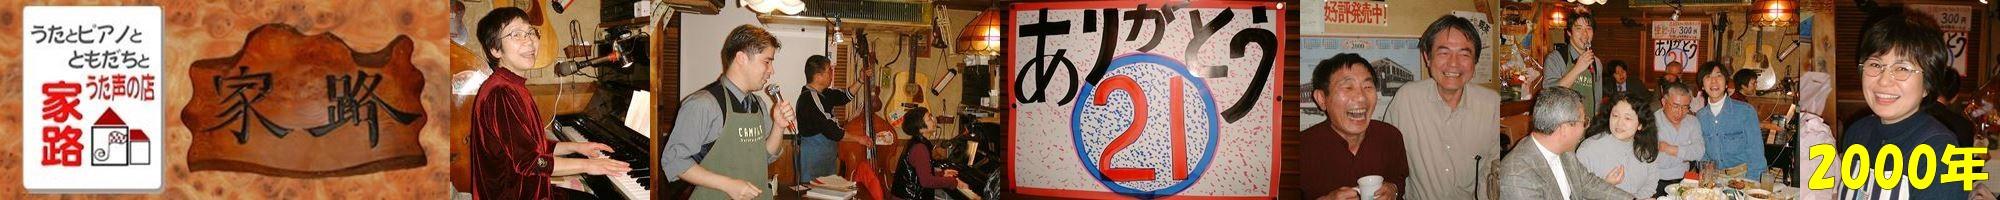 東京新宿 うた声の店 家路